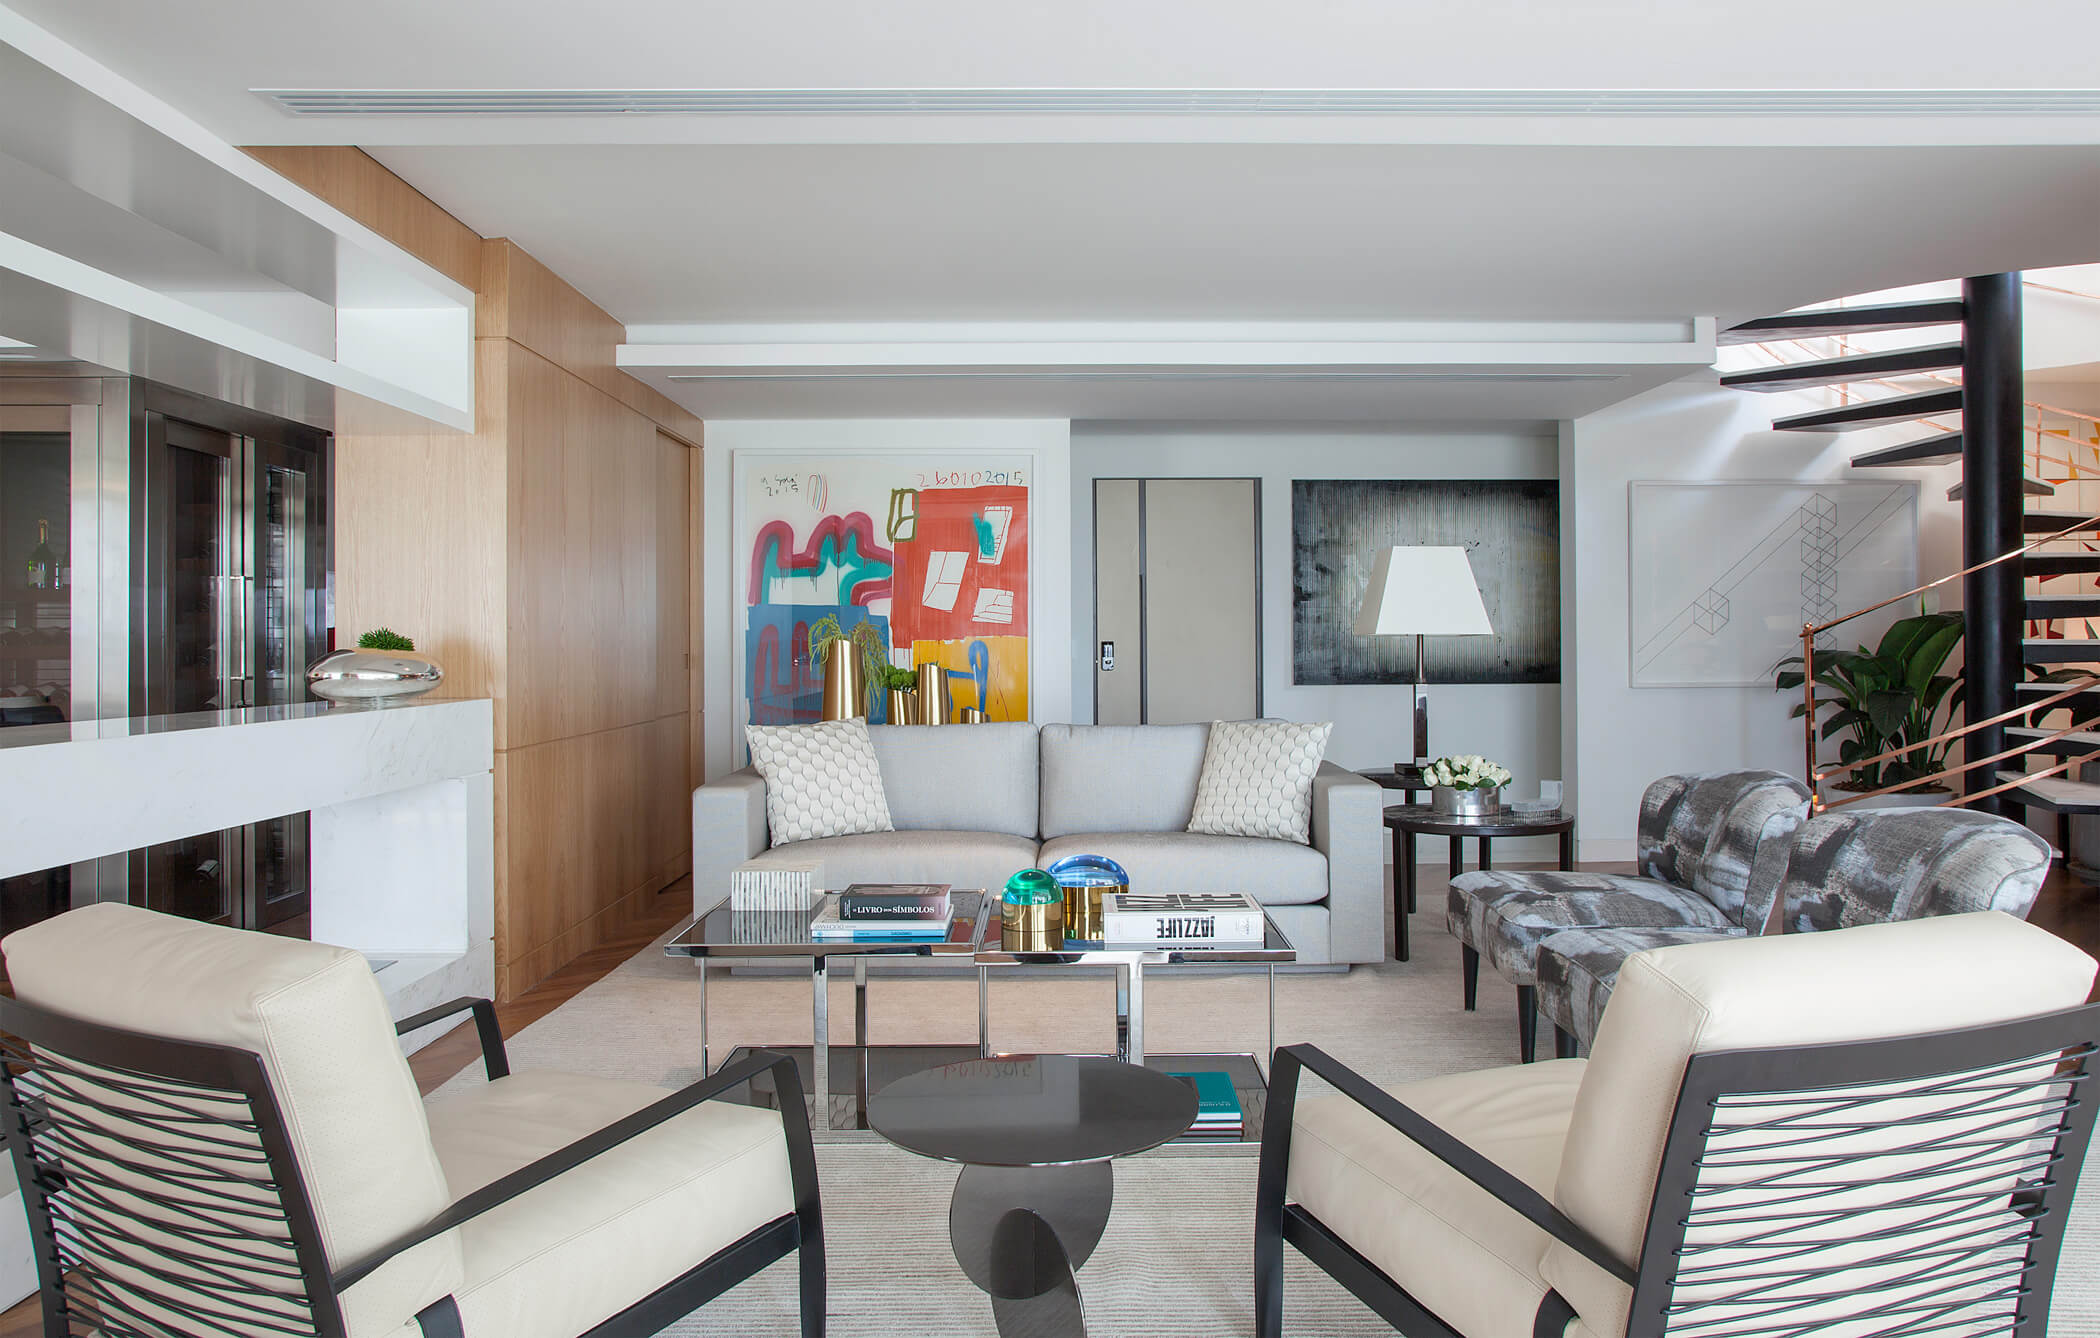 Sala de Jantar e Living - Projeto de Arquitetura e Decoração Residencial